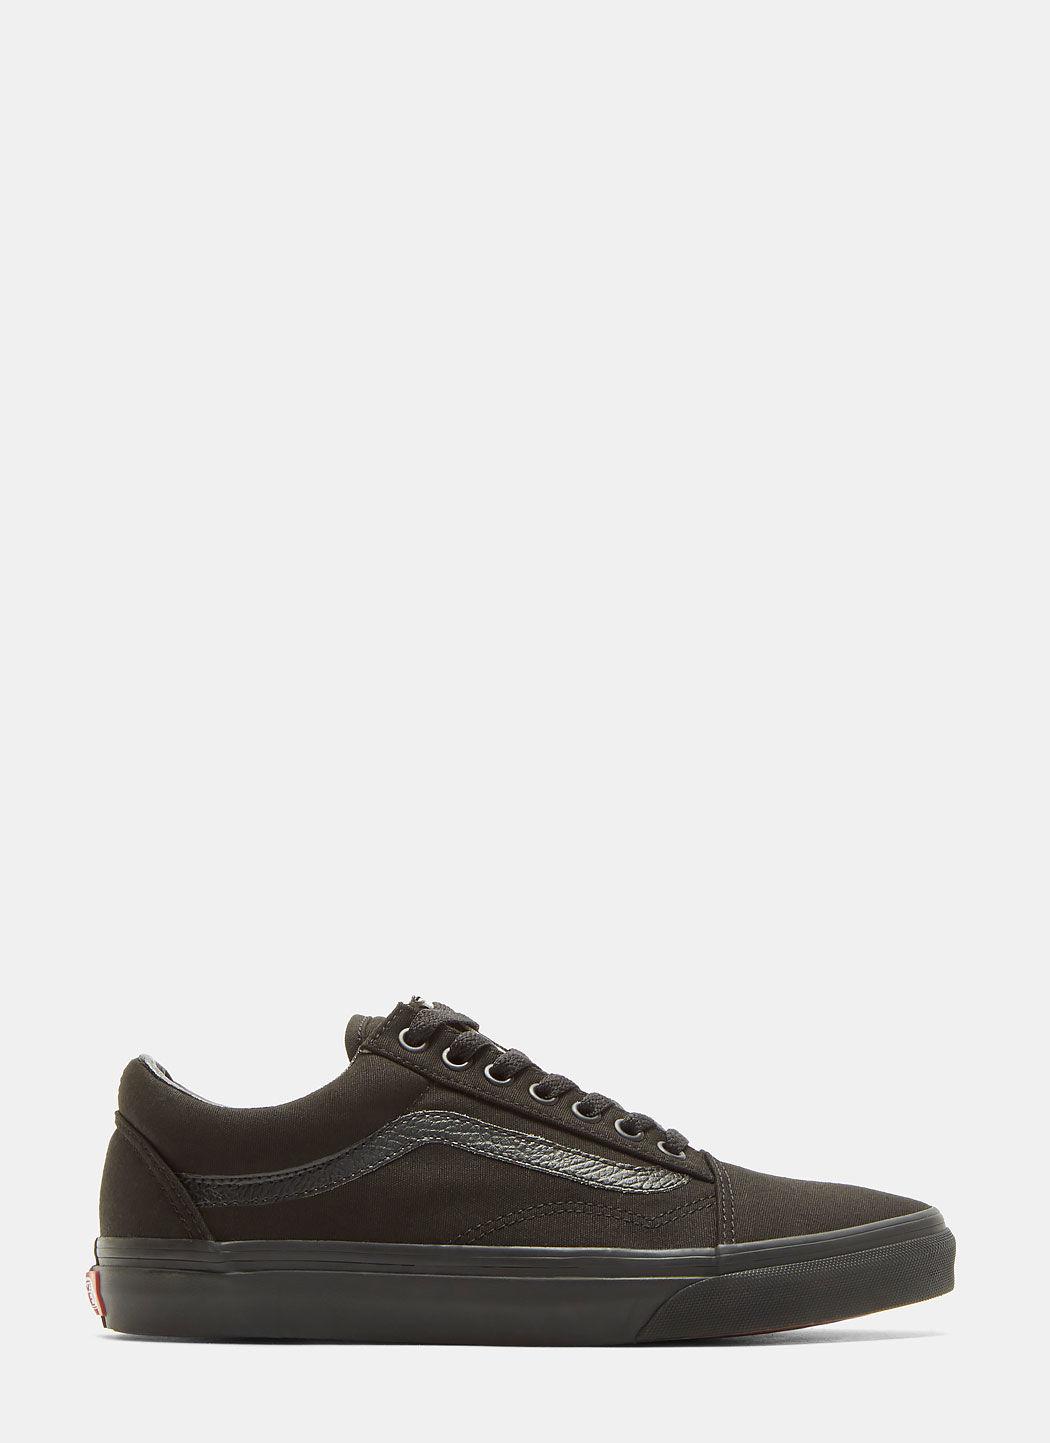 Unisex Classic Old Skool Sneakers in Black